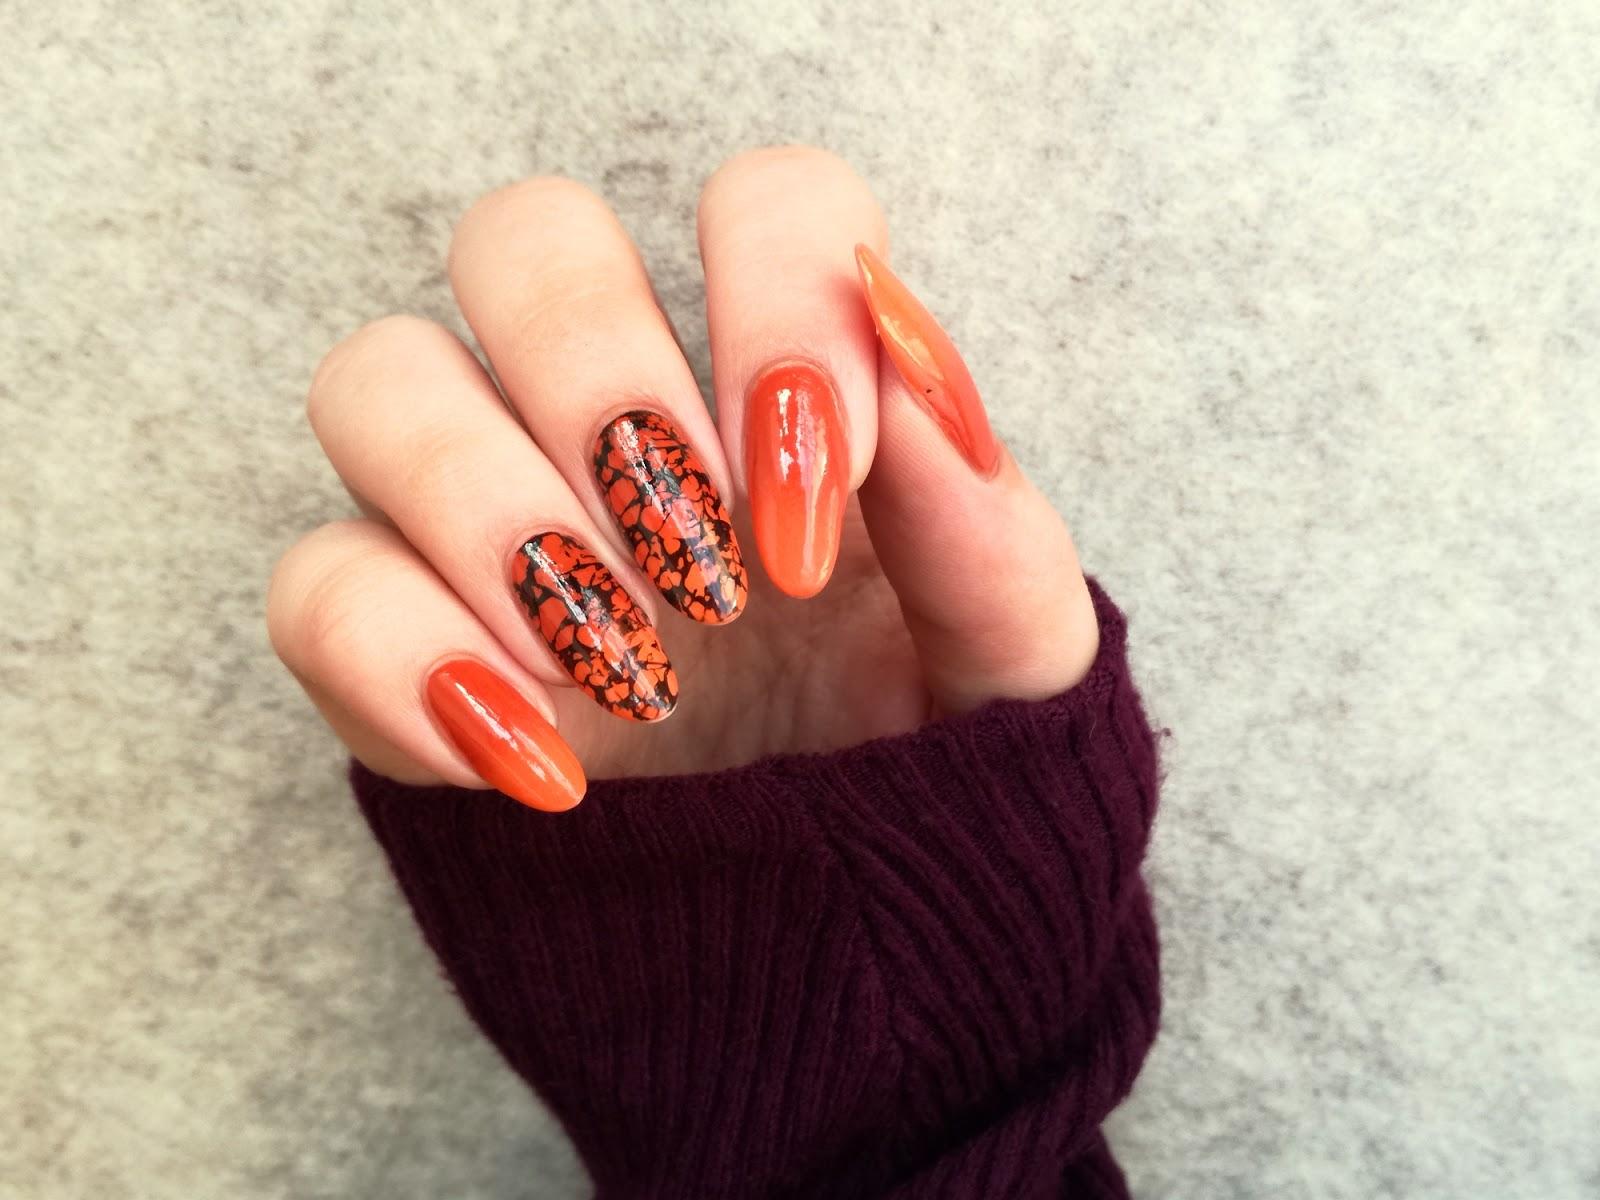 paznokcie pomarańczowe z czarnym akcentem